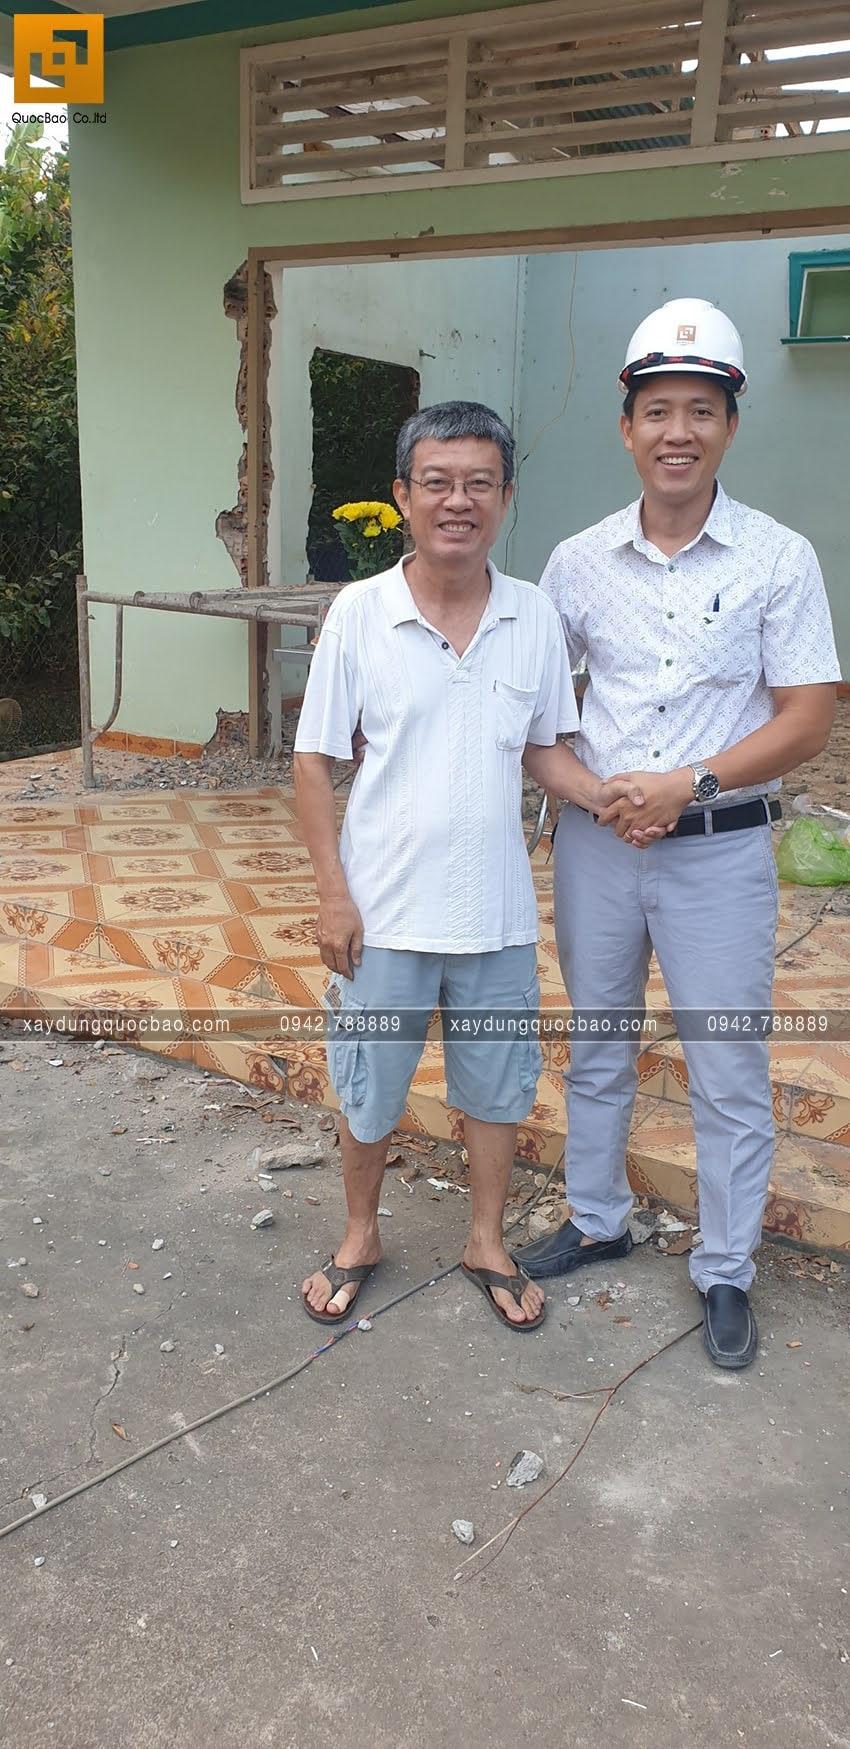 Khởi công nhà phố 3 tầng tại Vĩnh Cửu của chú Thanh - Ảnh 4